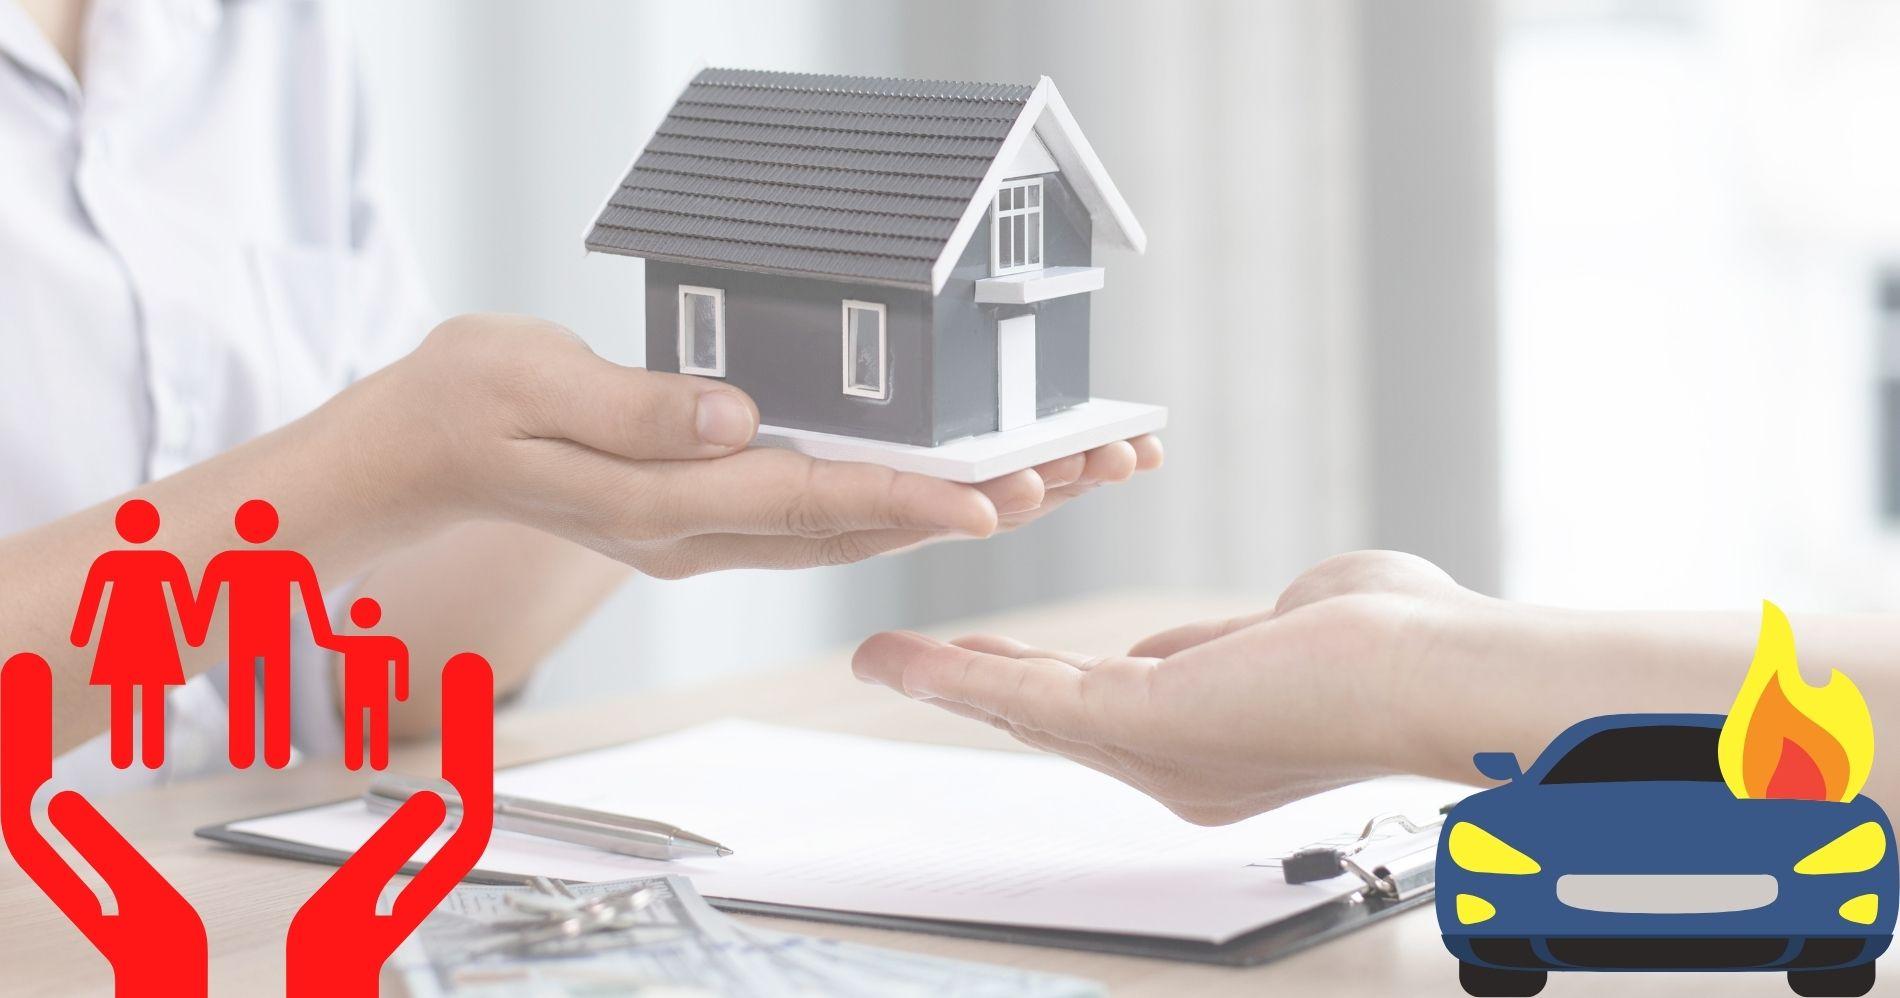 Ilustrasi Gambar Beberapa Jenis Asuransi yang Dapat Dimiliki - Bisnis Muda - Canva.com